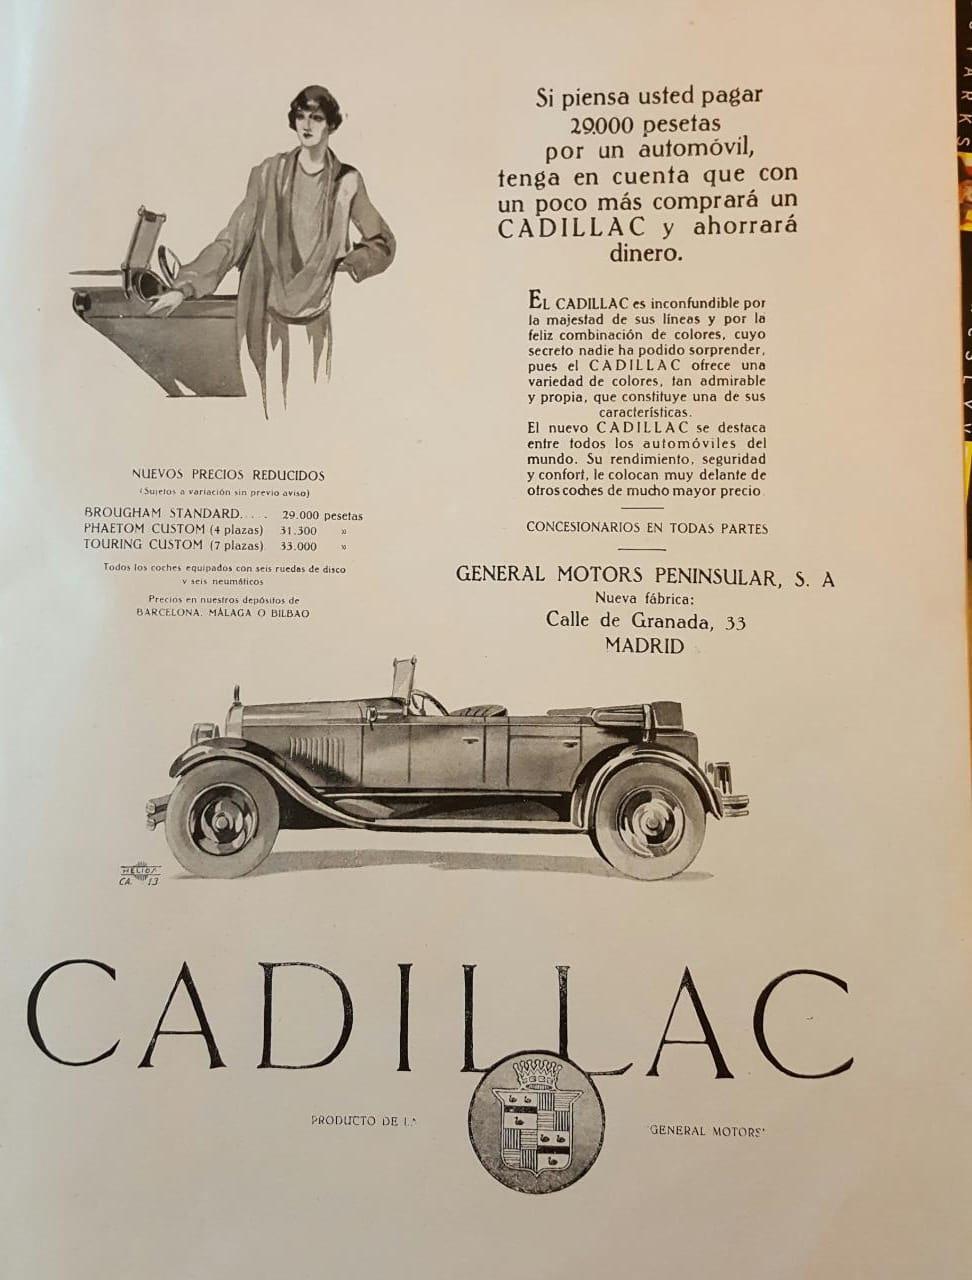 Cadillac-Espanha-1927.jpg